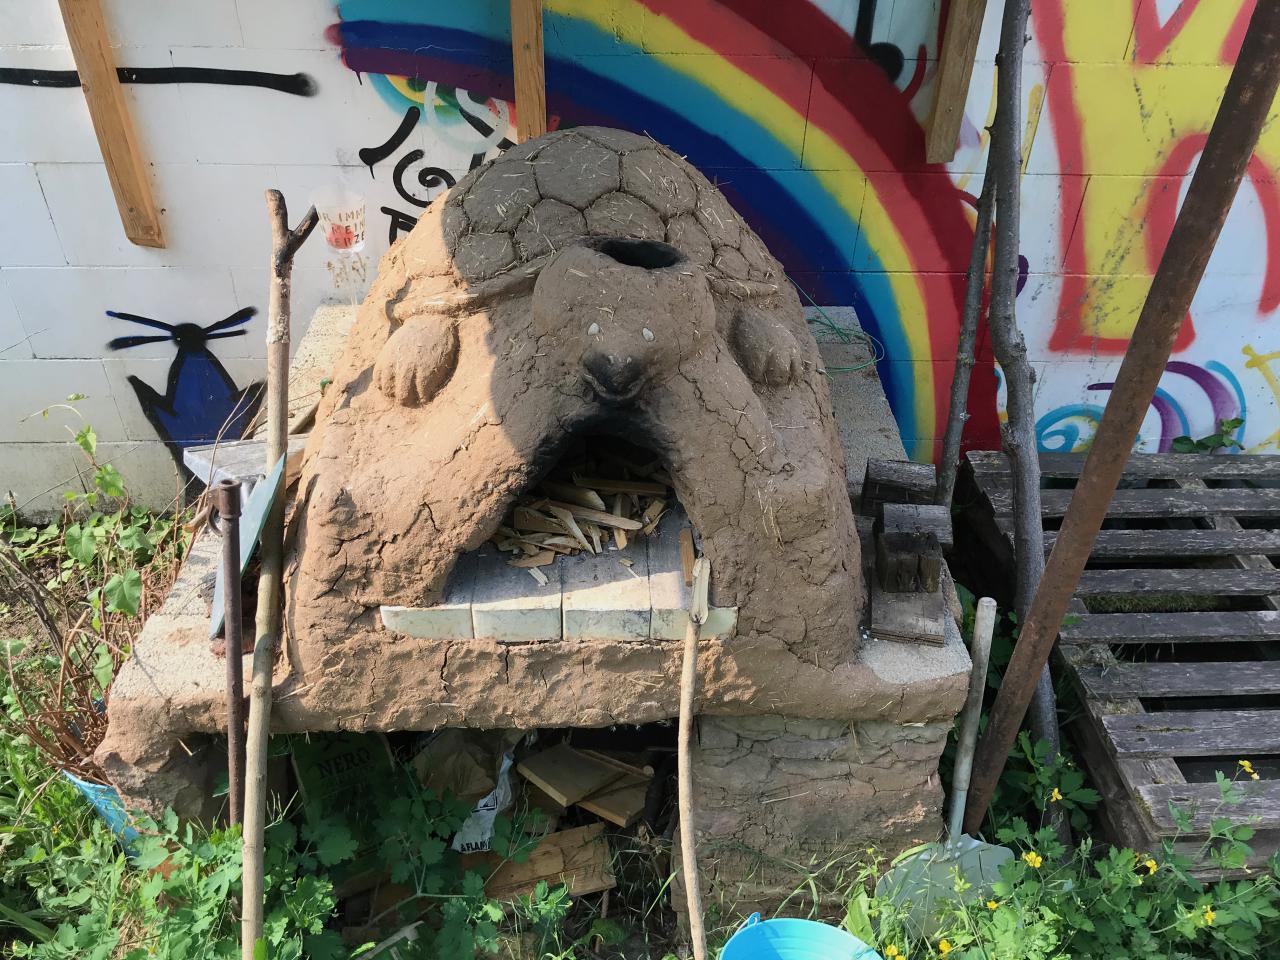 Eine Lehmofen mit einem aus Lehm gefertigten Schildkröte drauf.